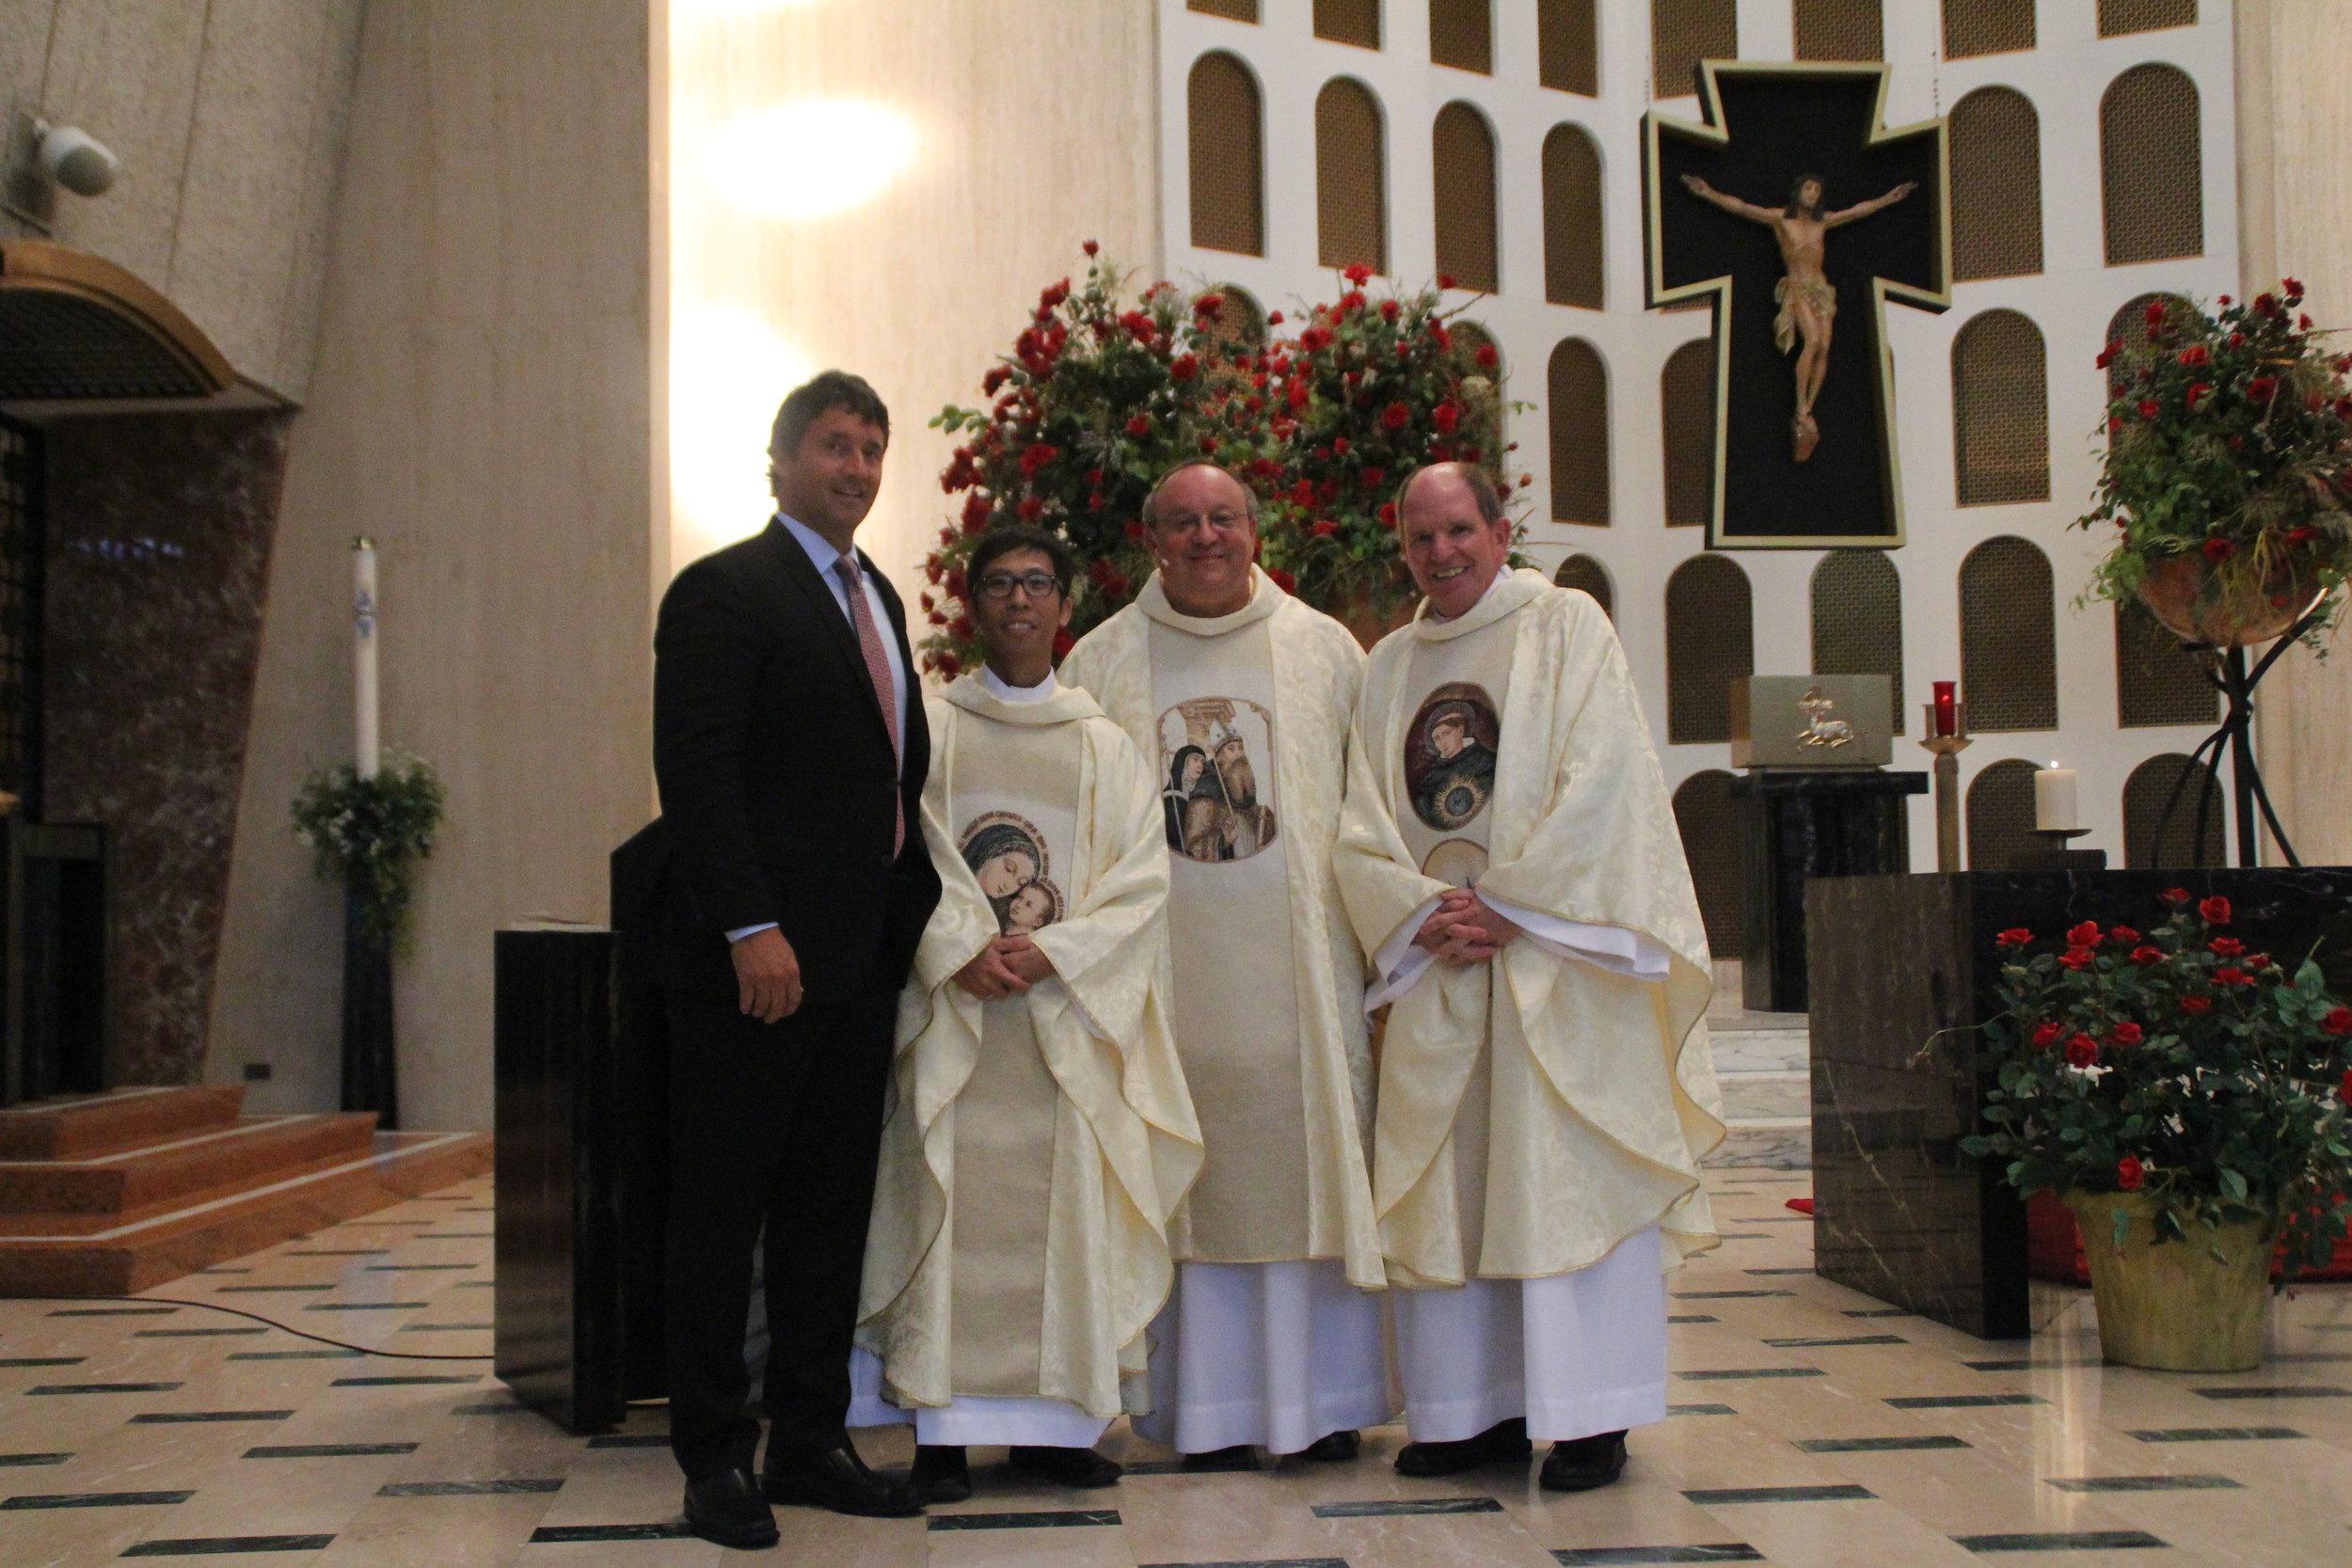 (L to R): Mr. Mike Zunica (Hon.), Fr. Richie Mercado, O.S.A., Fr. Bernie Scianna, O.S.A. '83, and Fr. Paul Galetto, O.S.A.